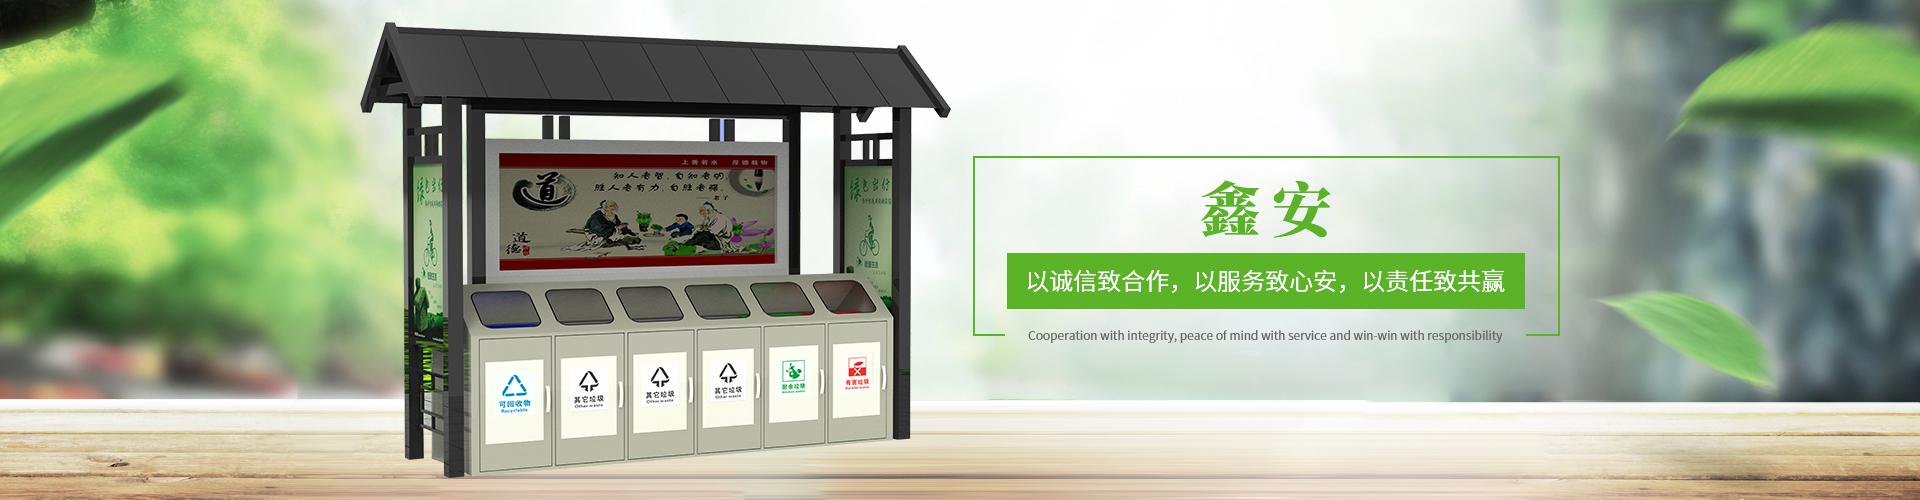 重庆垃圾箱